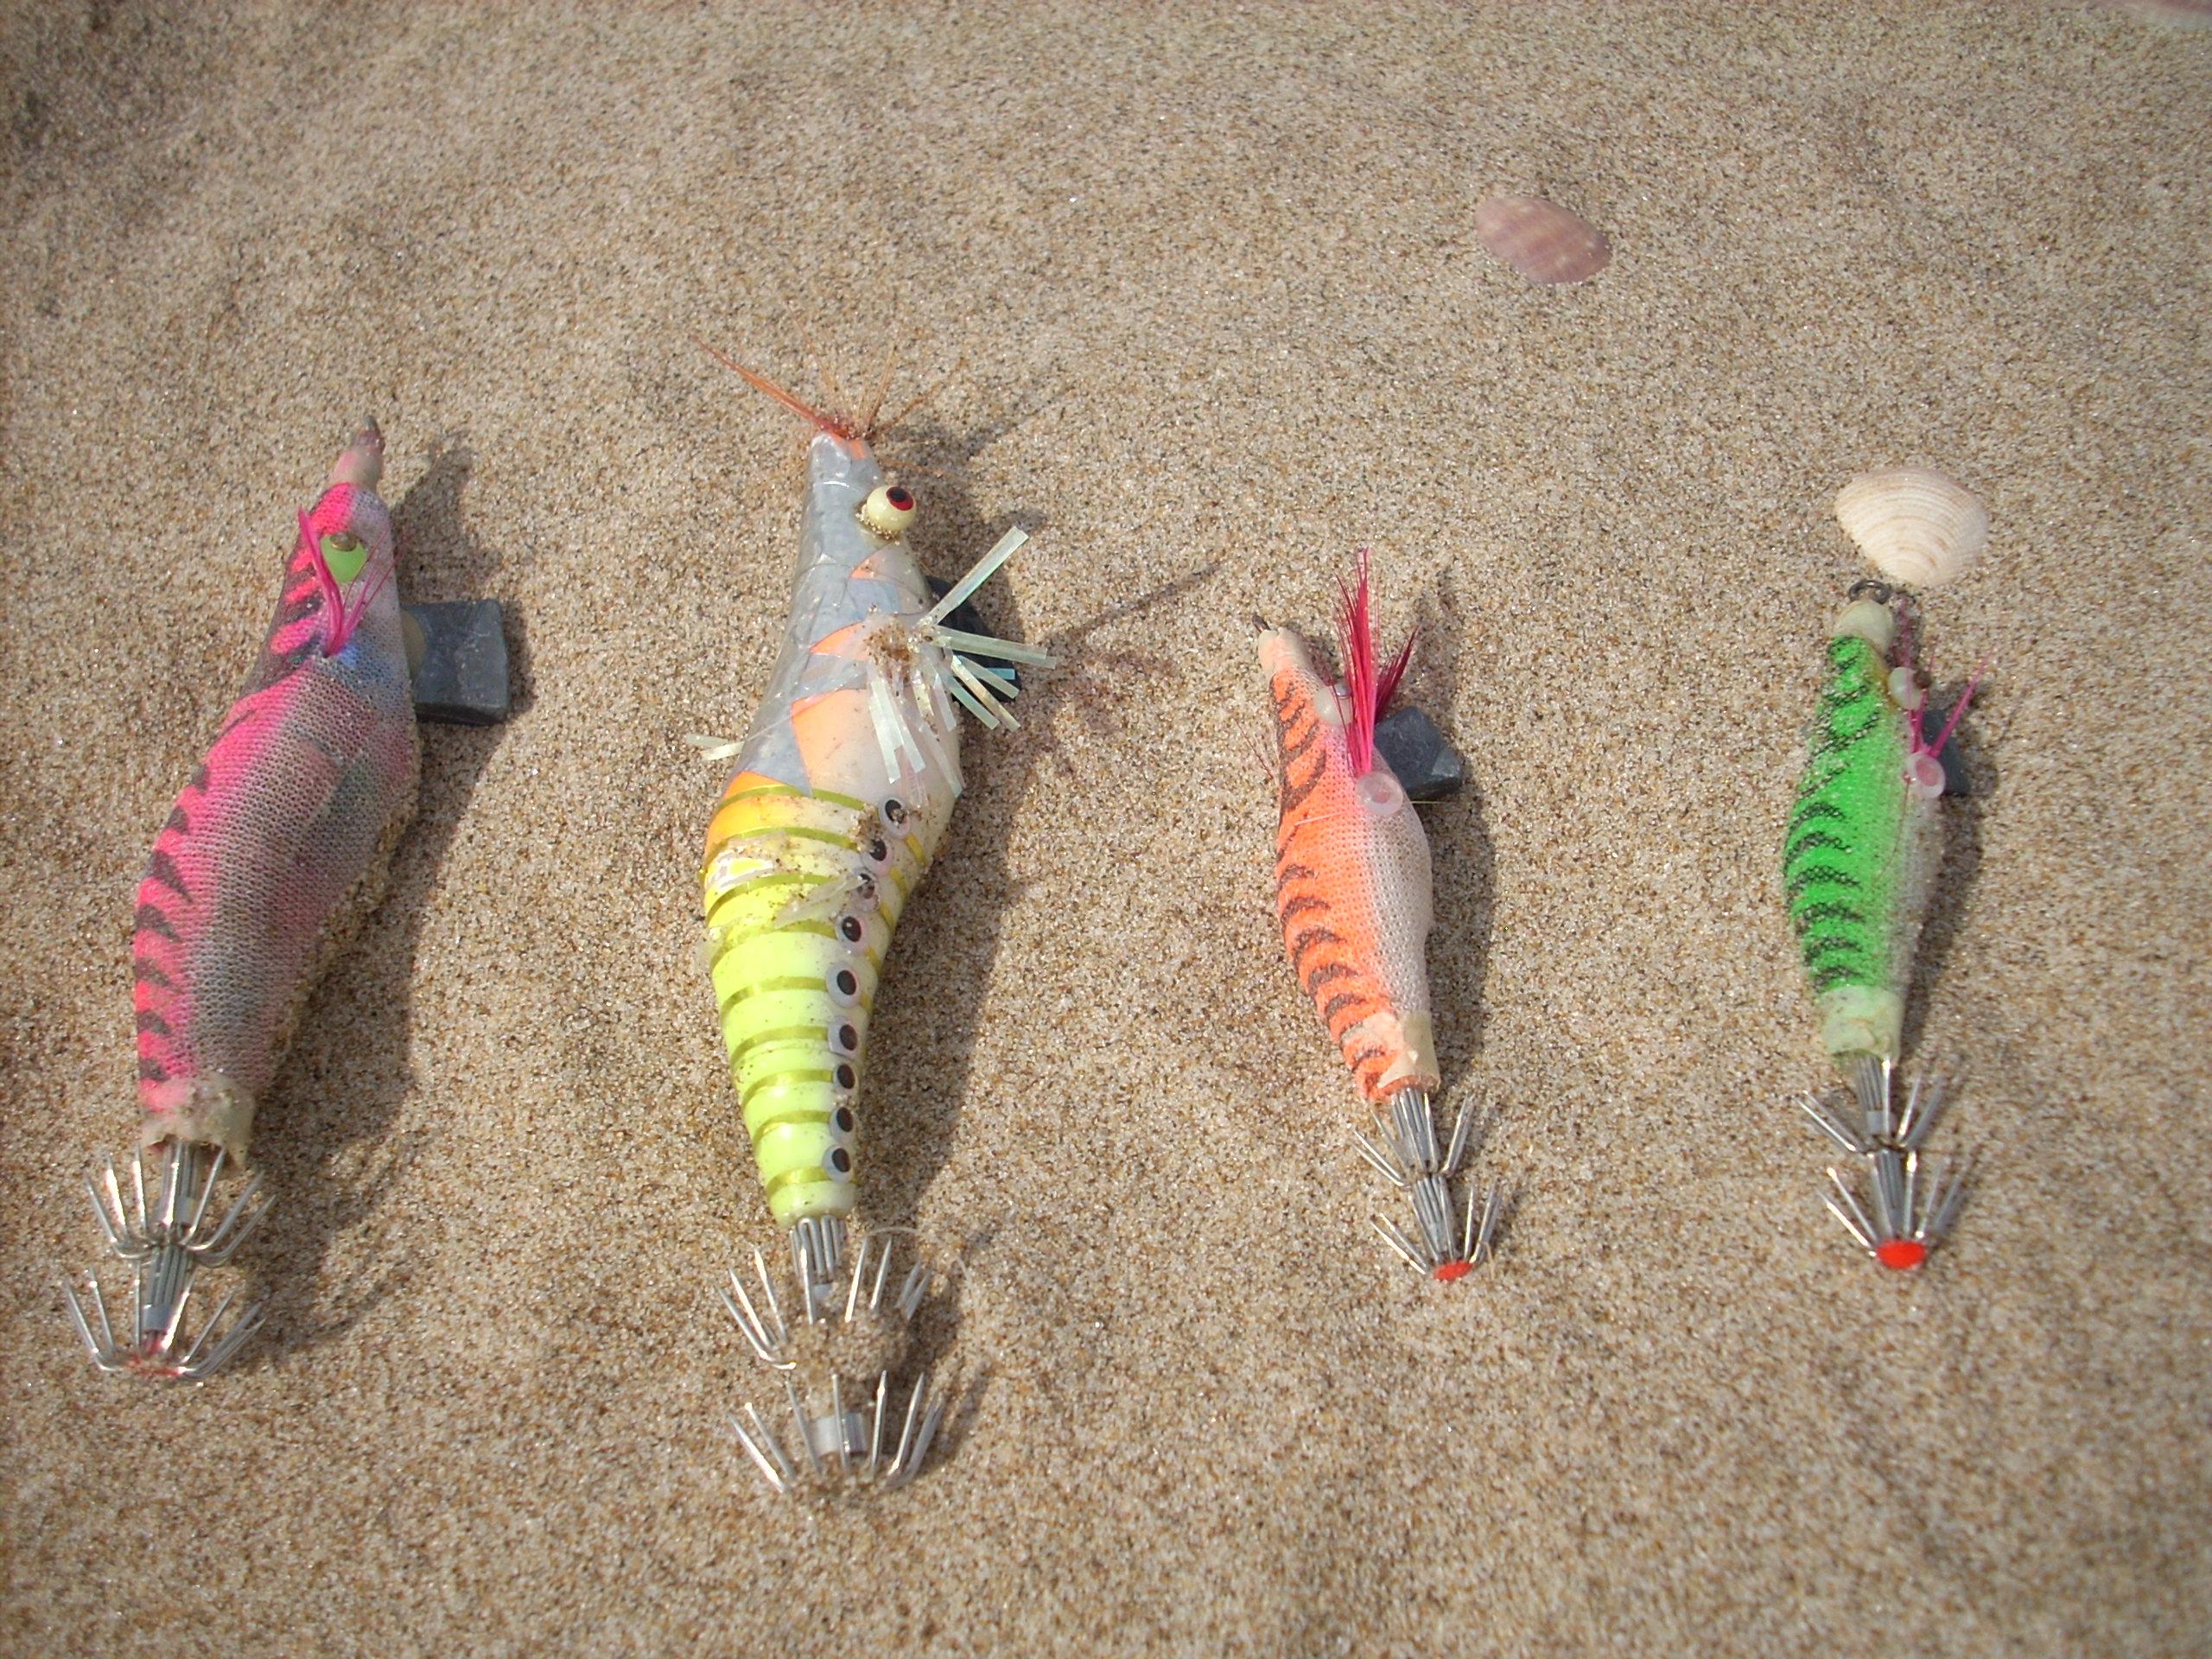 pescar sepias desde la orilla con jibioneras